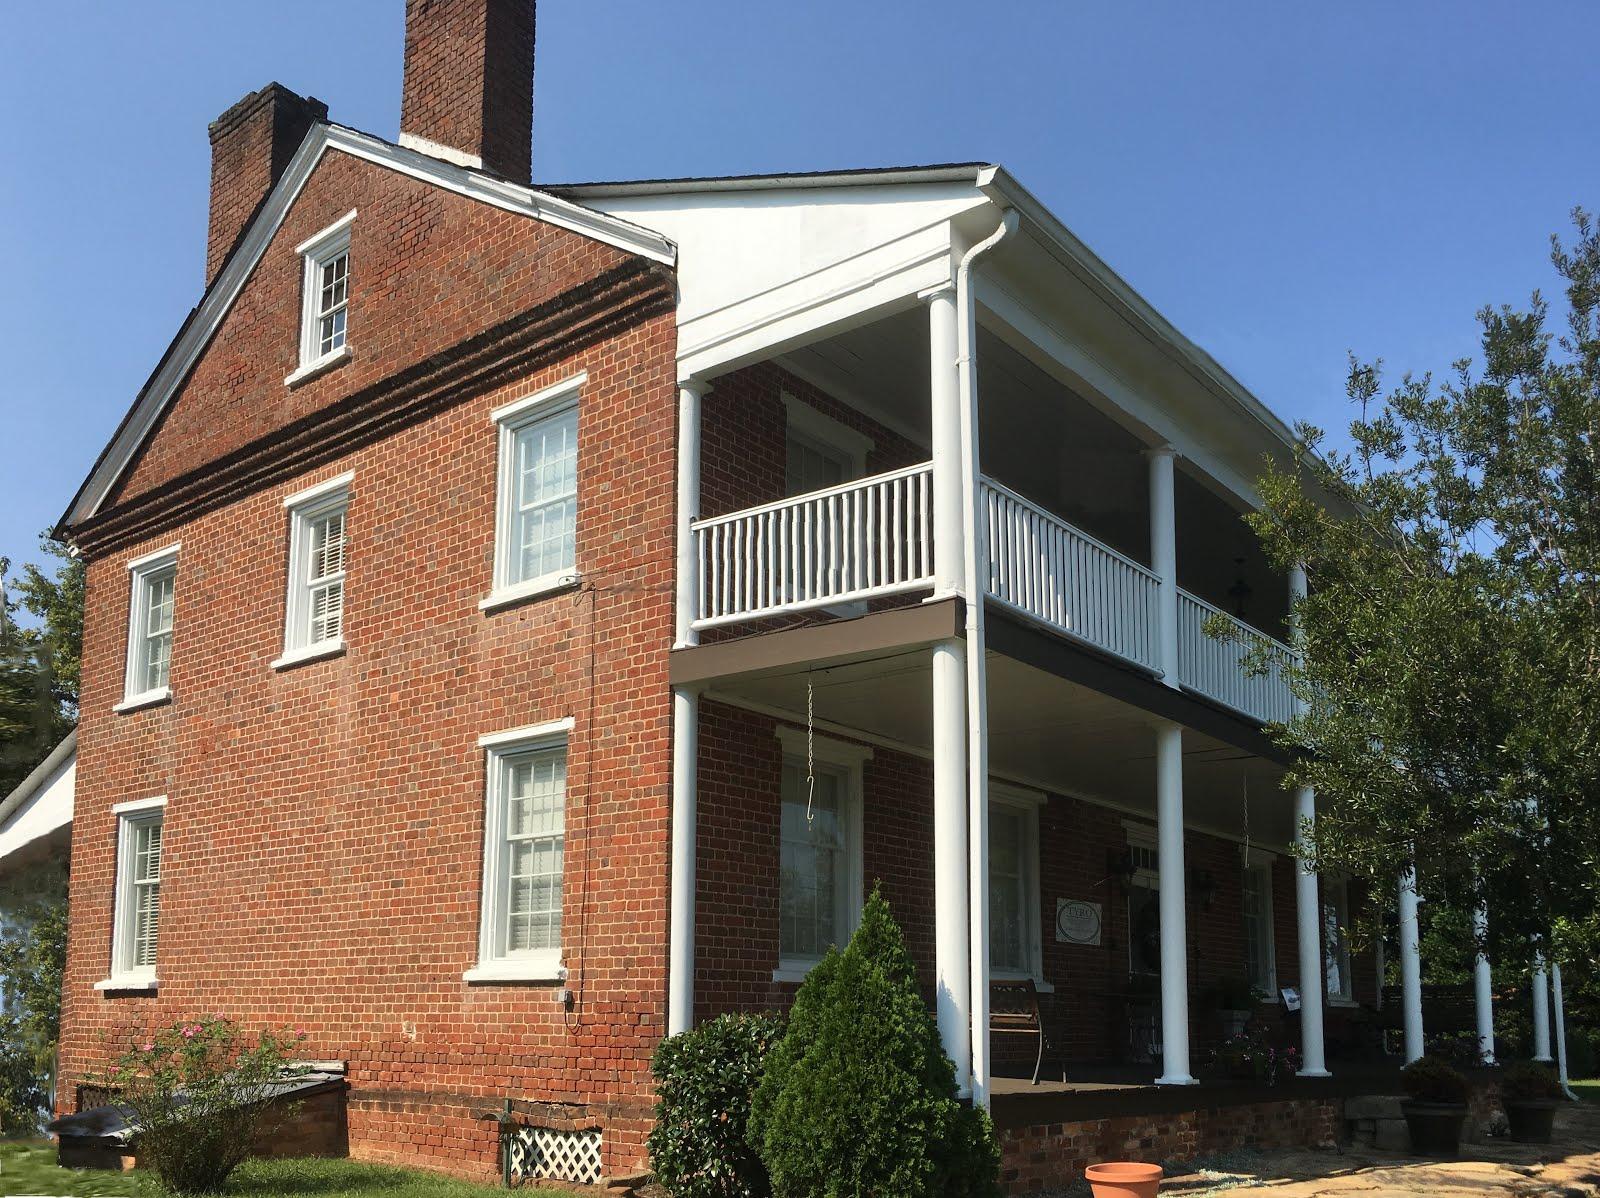 4654 S. NC-Hwy 150 Lexington, NC 27295 ~ circa 1840 ~ $275,000